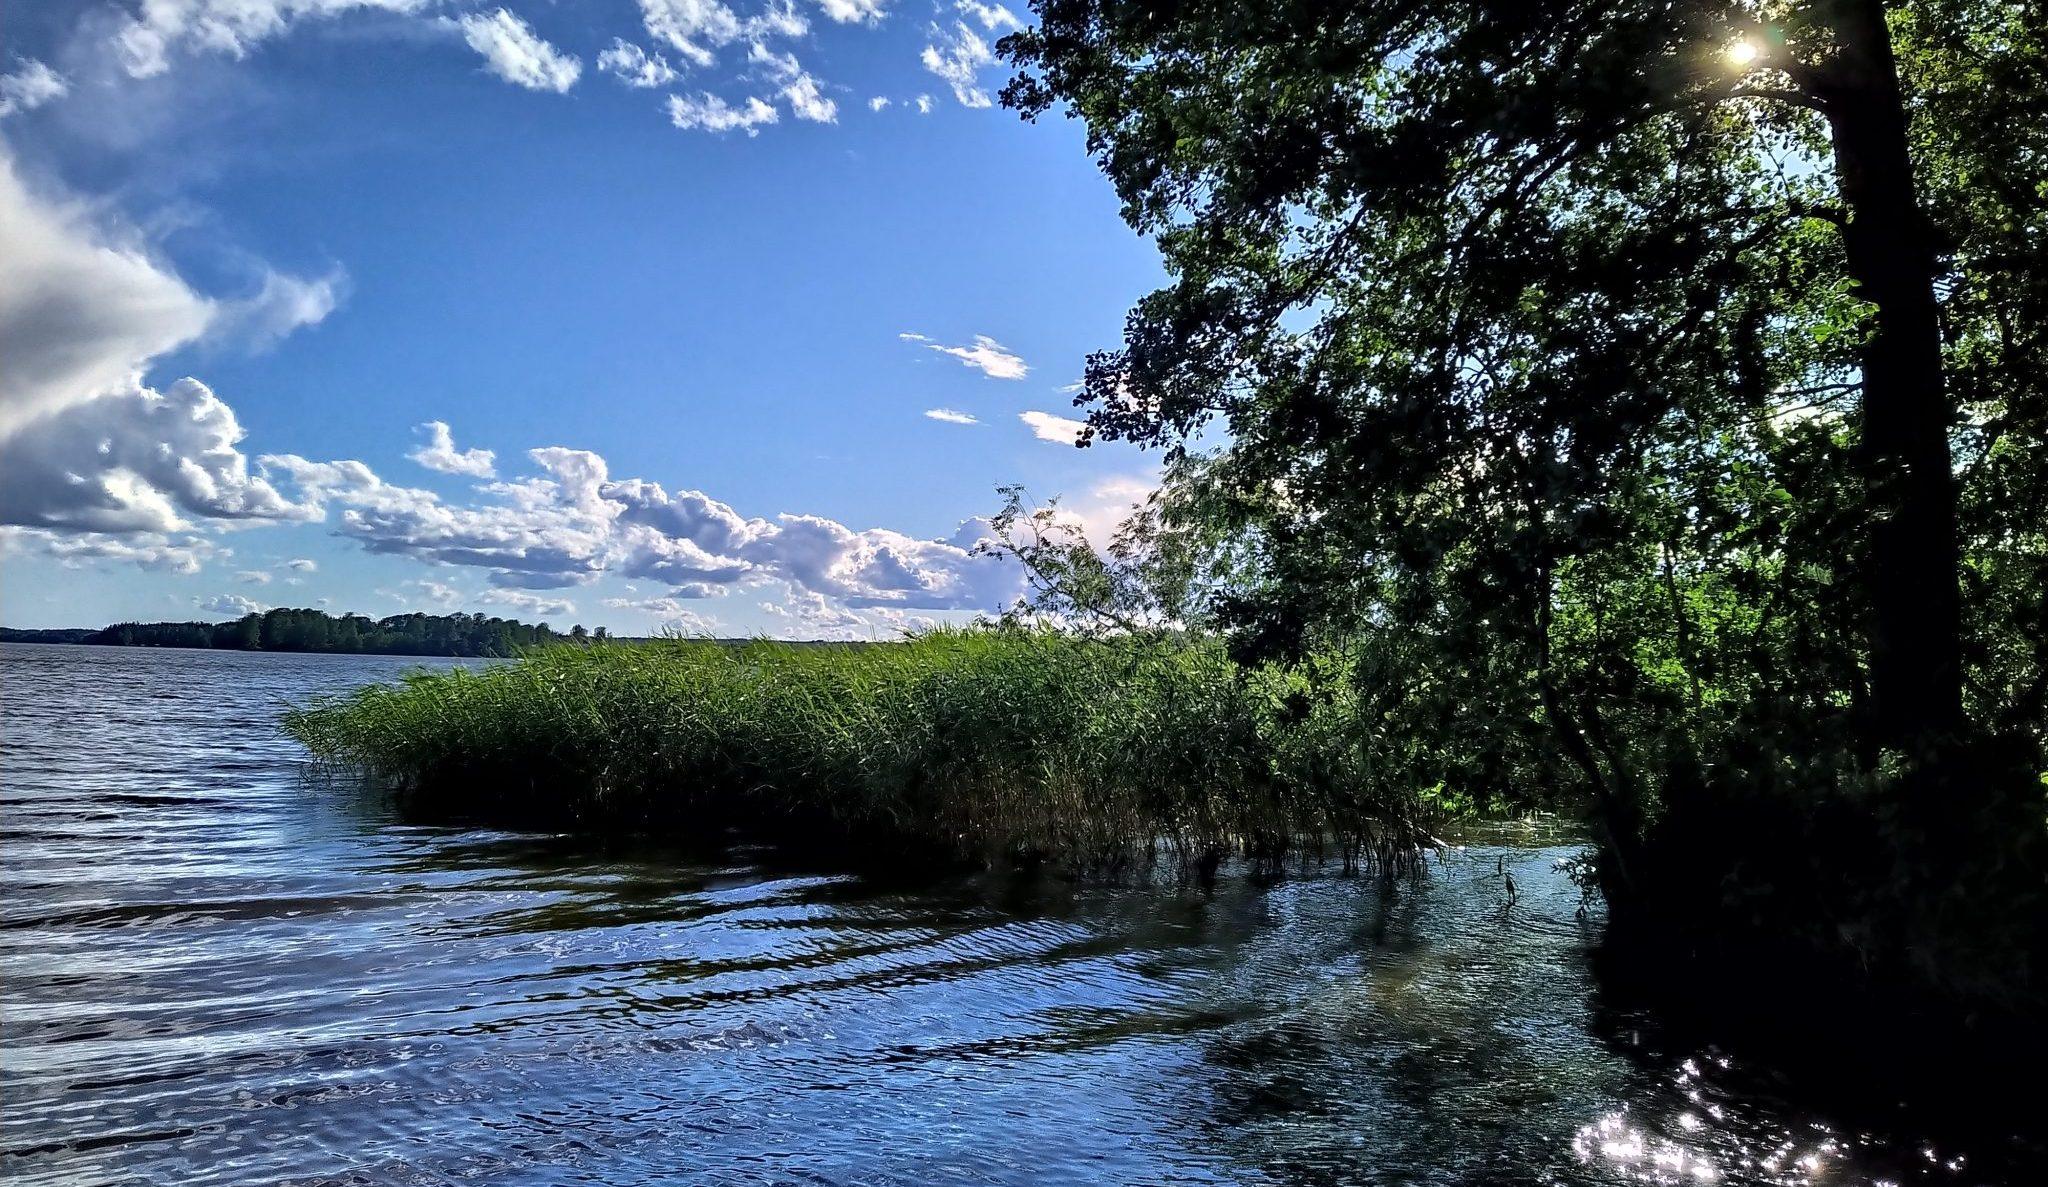 Järvimaisema, sini-valkoisia piviä, vihreitä puita ja kaislikkoa, auringon säteitä liplattavan veden pinnassa.